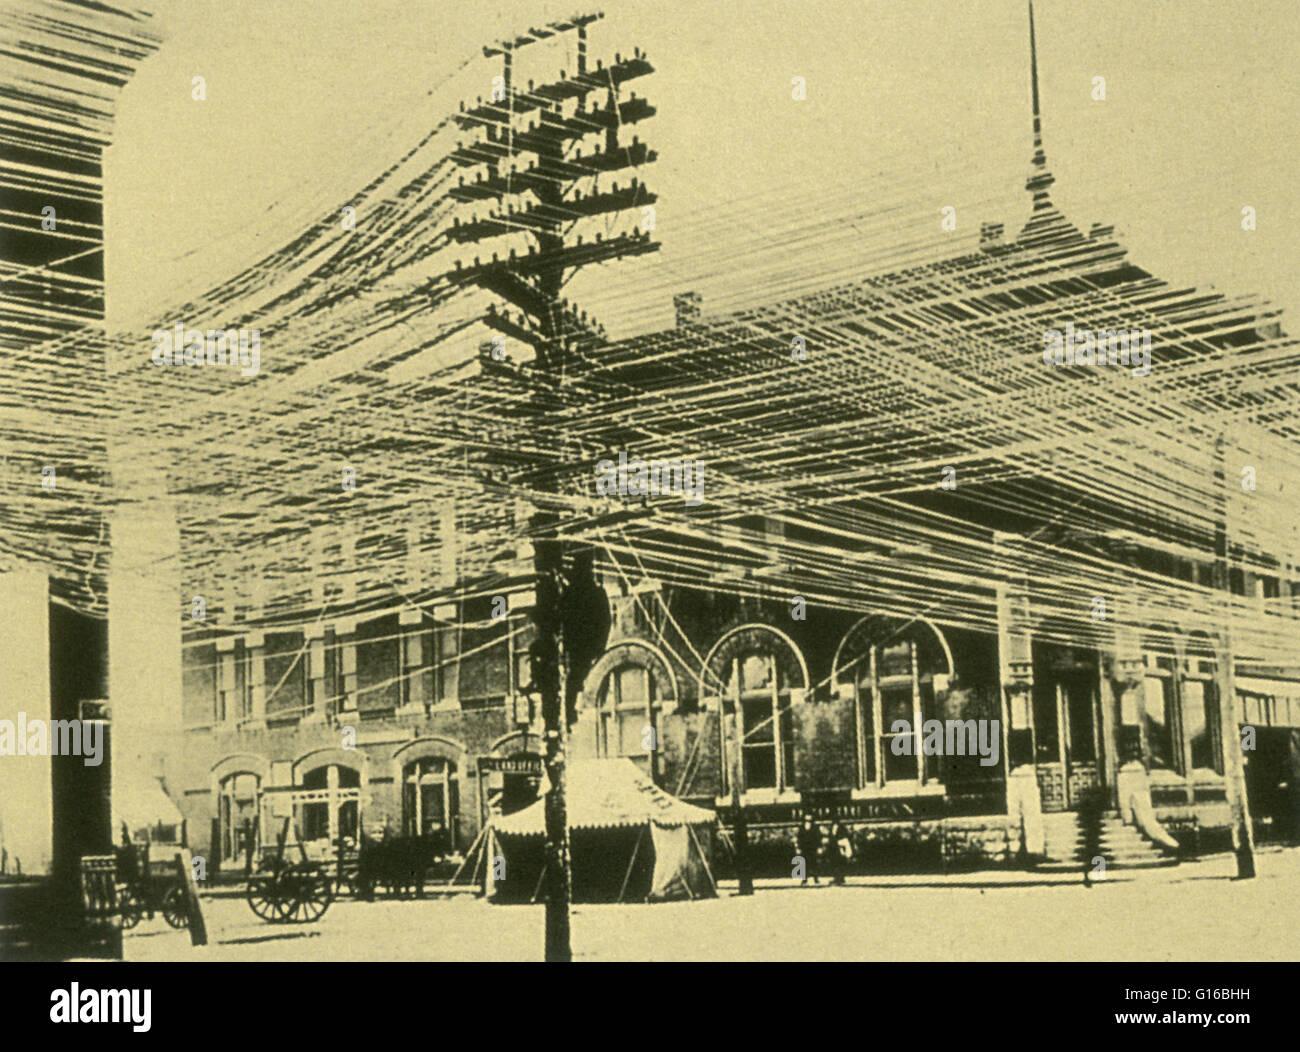 Labyrinth der Drähte in Pratt, Kansas, 1900. Eine Telefonleitung ...